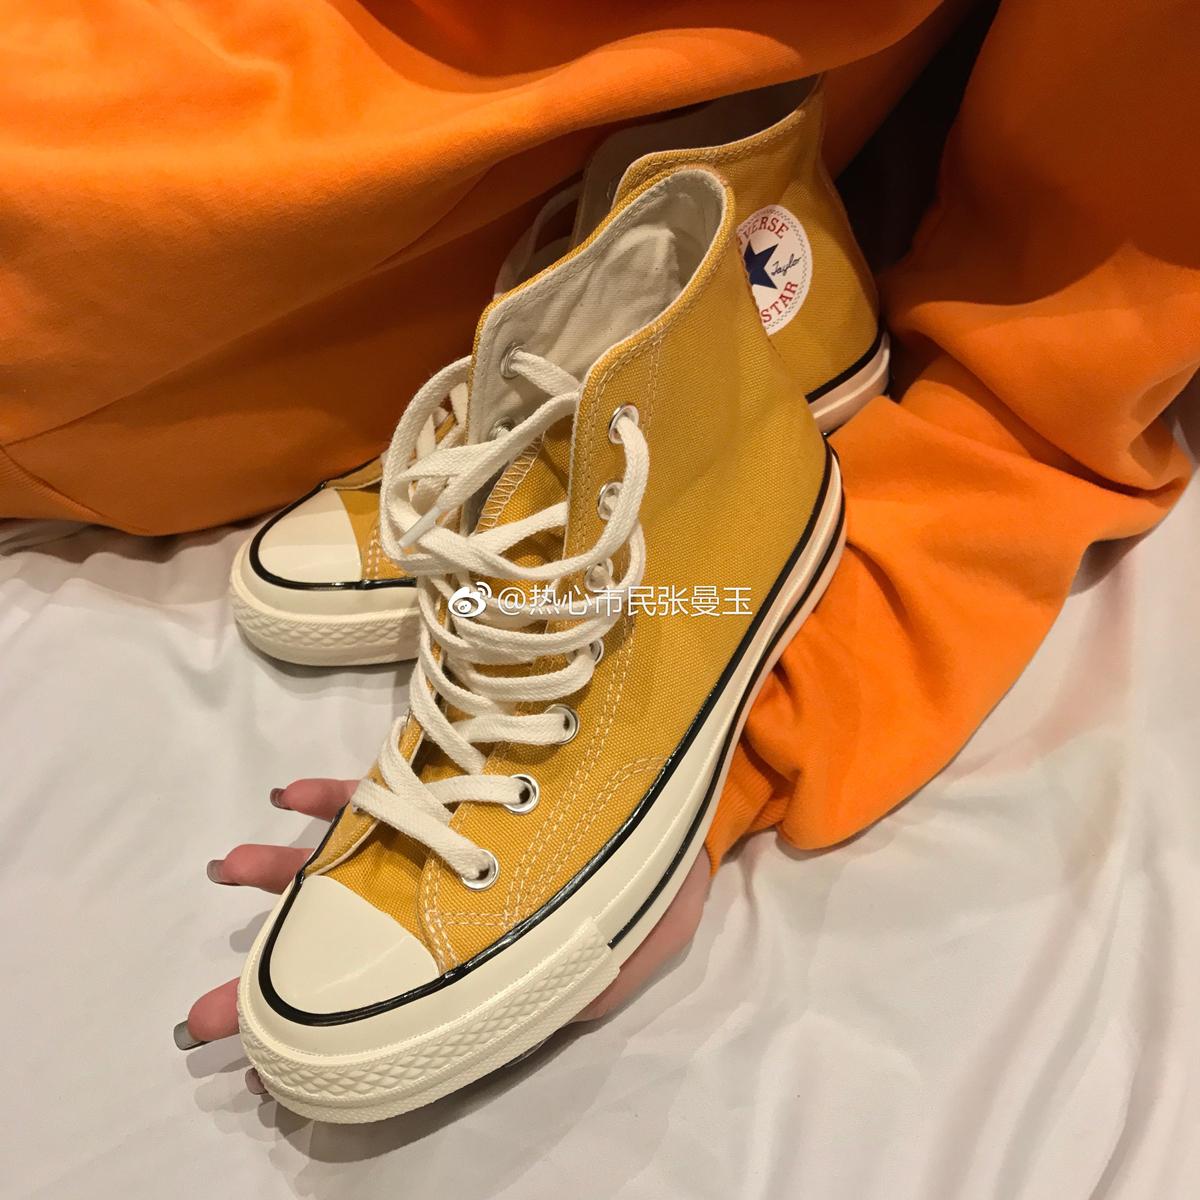 黄色帆布鞋 converse匡威1970S三星标 黄色低帮 黄色高帮 帆布鞋女男162054C_推荐淘宝好看的黄色帆布鞋